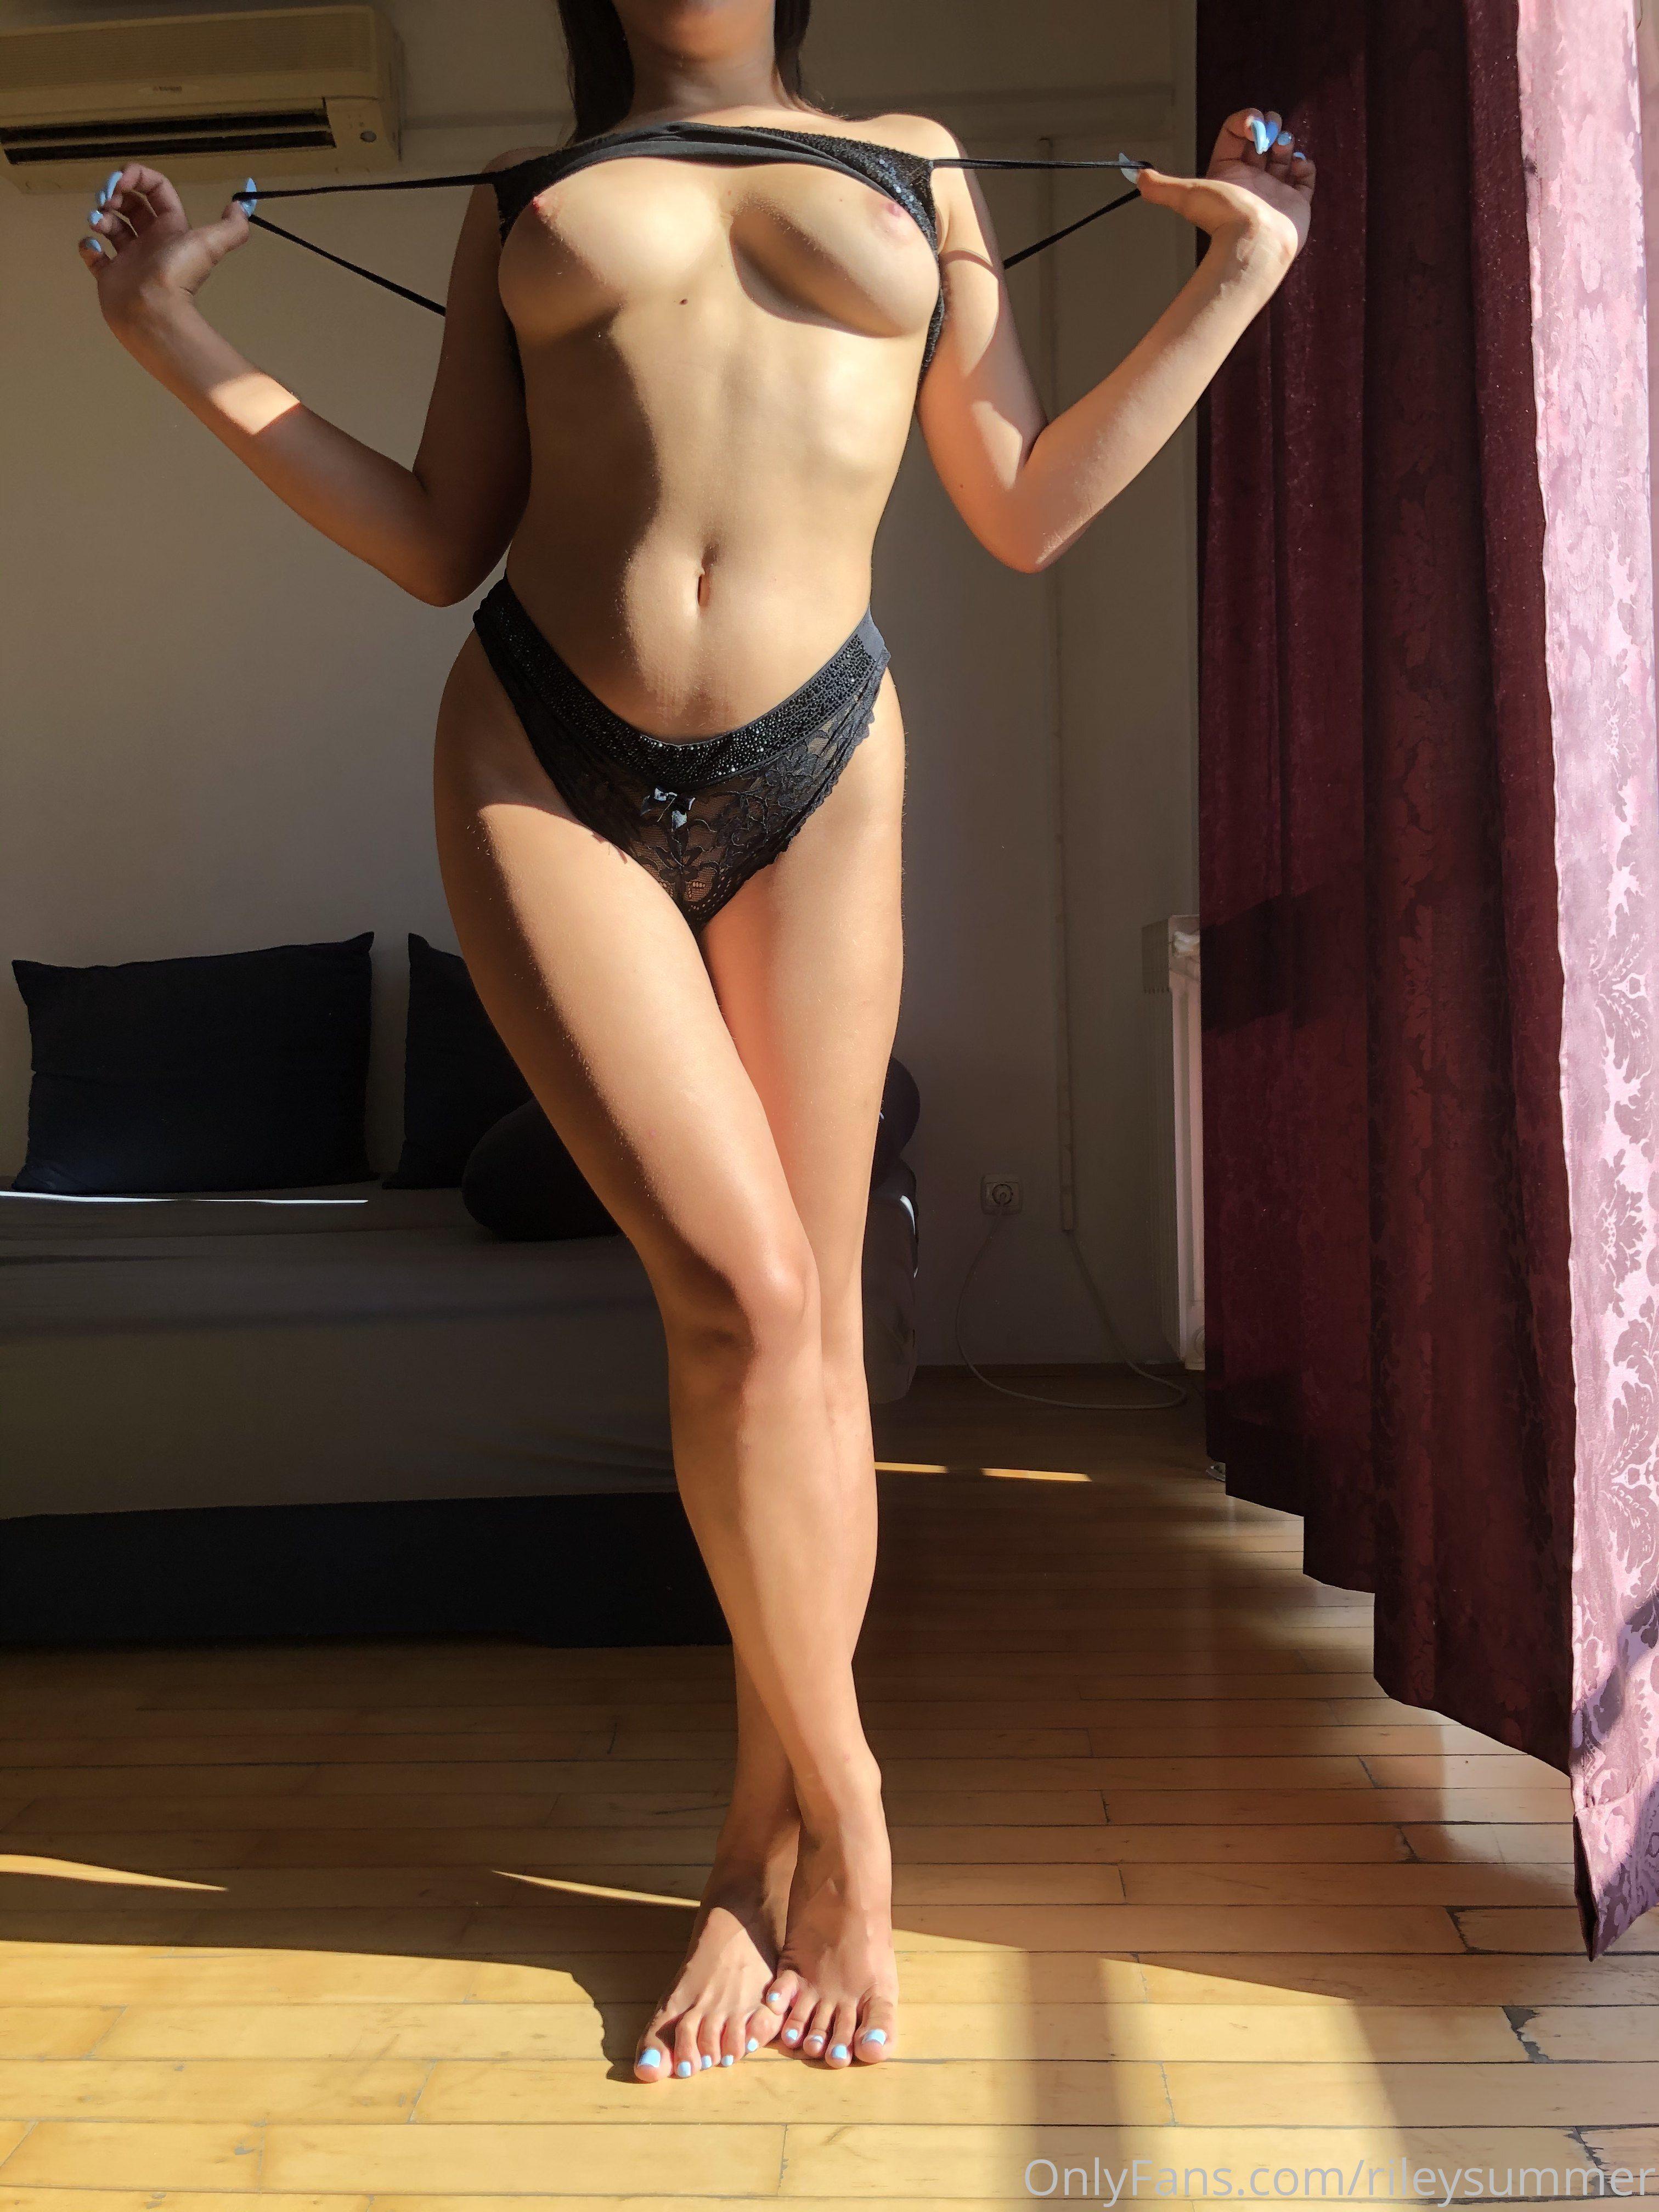 Rileysummer Nude Onlyfans Leaked 0051